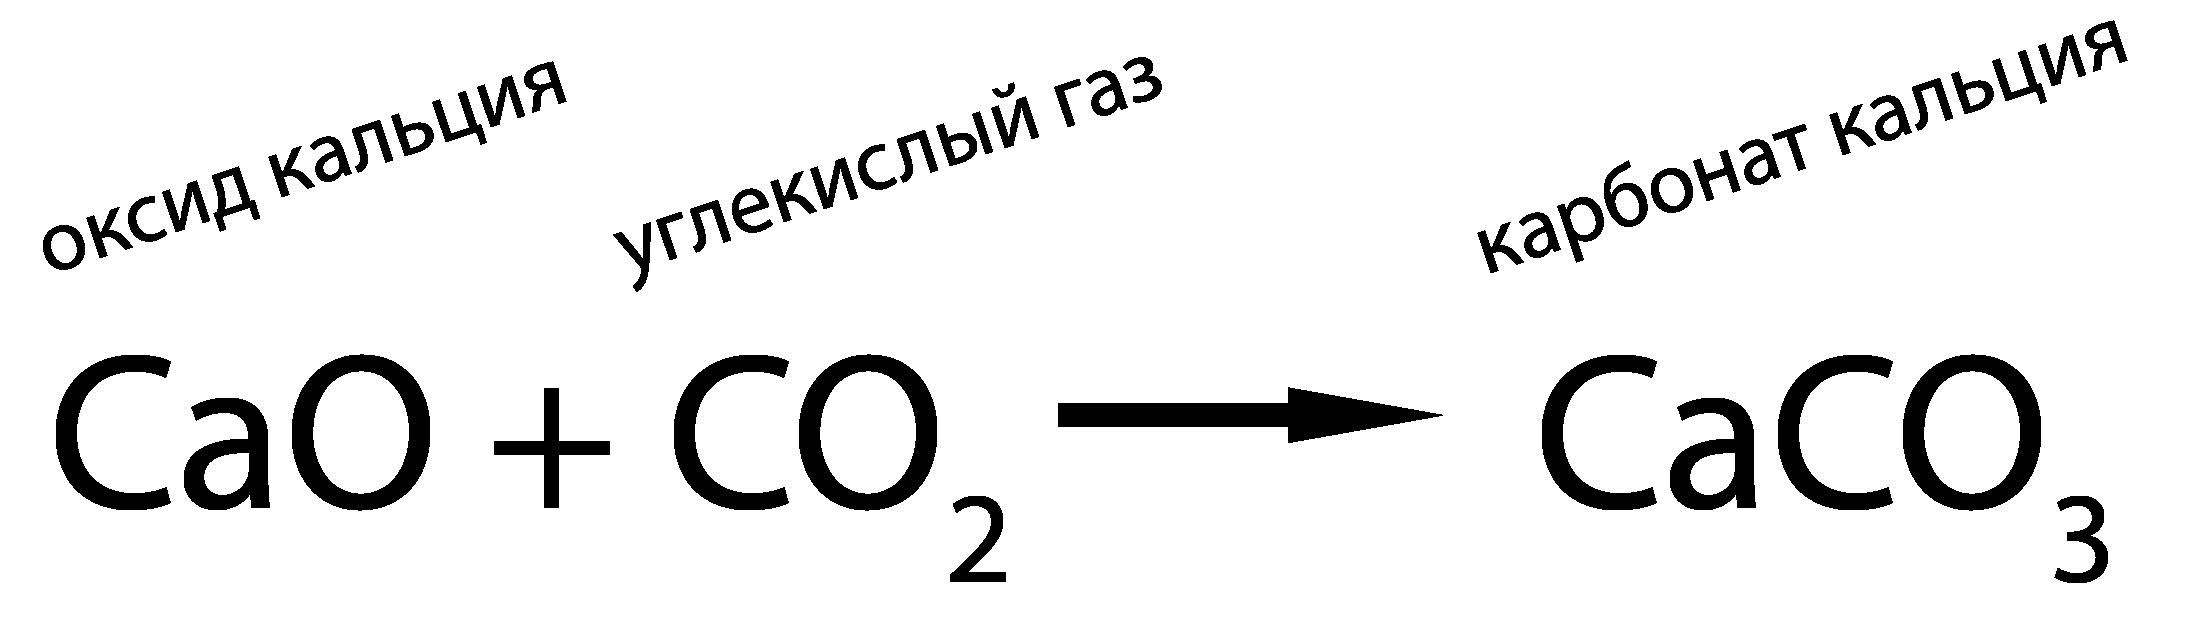 Углекислый газ – типичный кислотный оксид